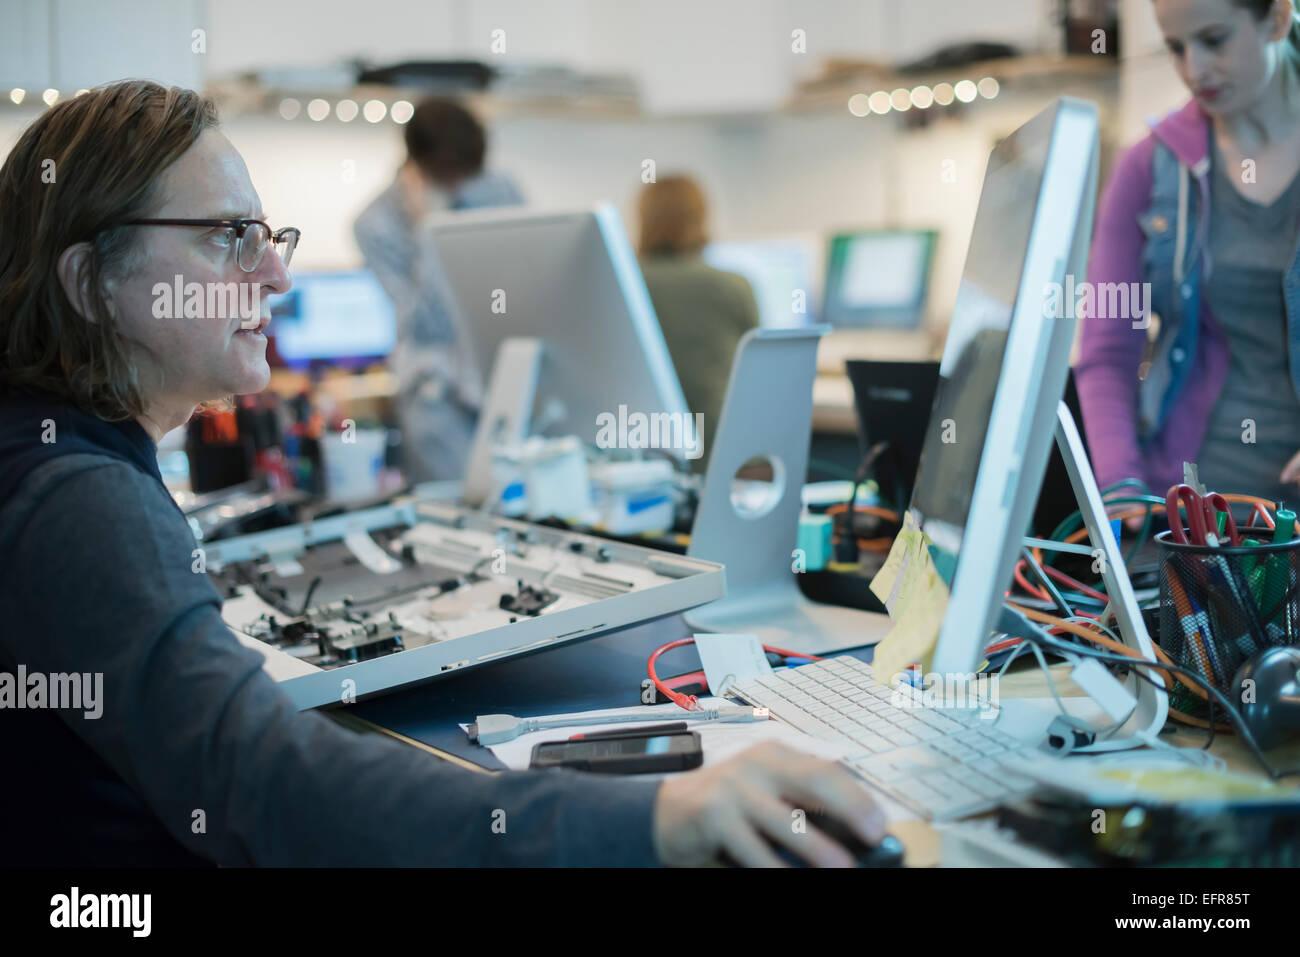 Un uomo seduto a un computer, guardando lo schermo. La riparazione di un computer shop. Immagini Stock